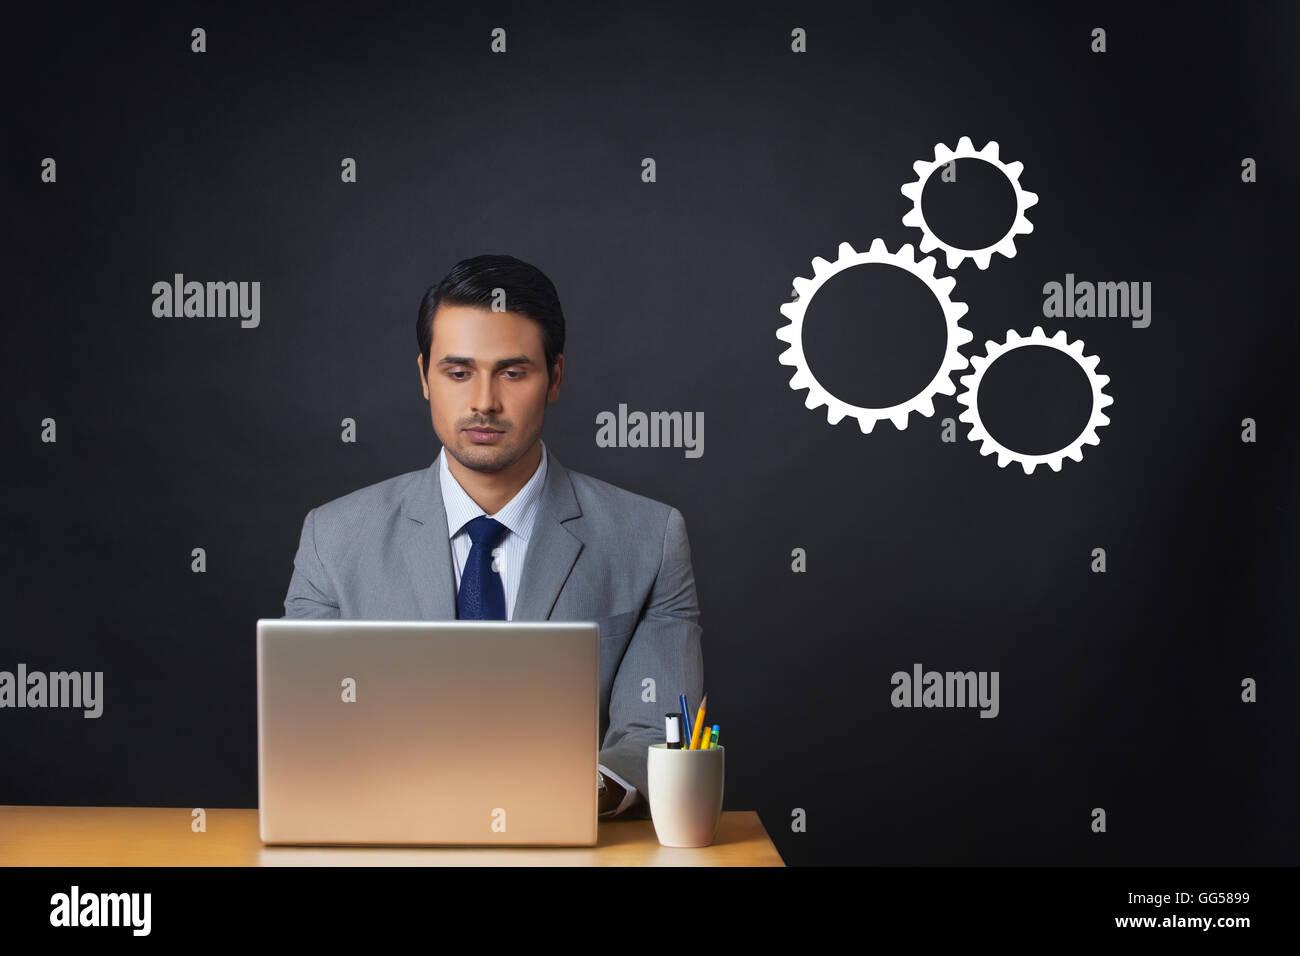 Generati digitalmente immagine dell uomo d affari utilizzando il portatile in ufficio con ingranaggi Immagini Stock